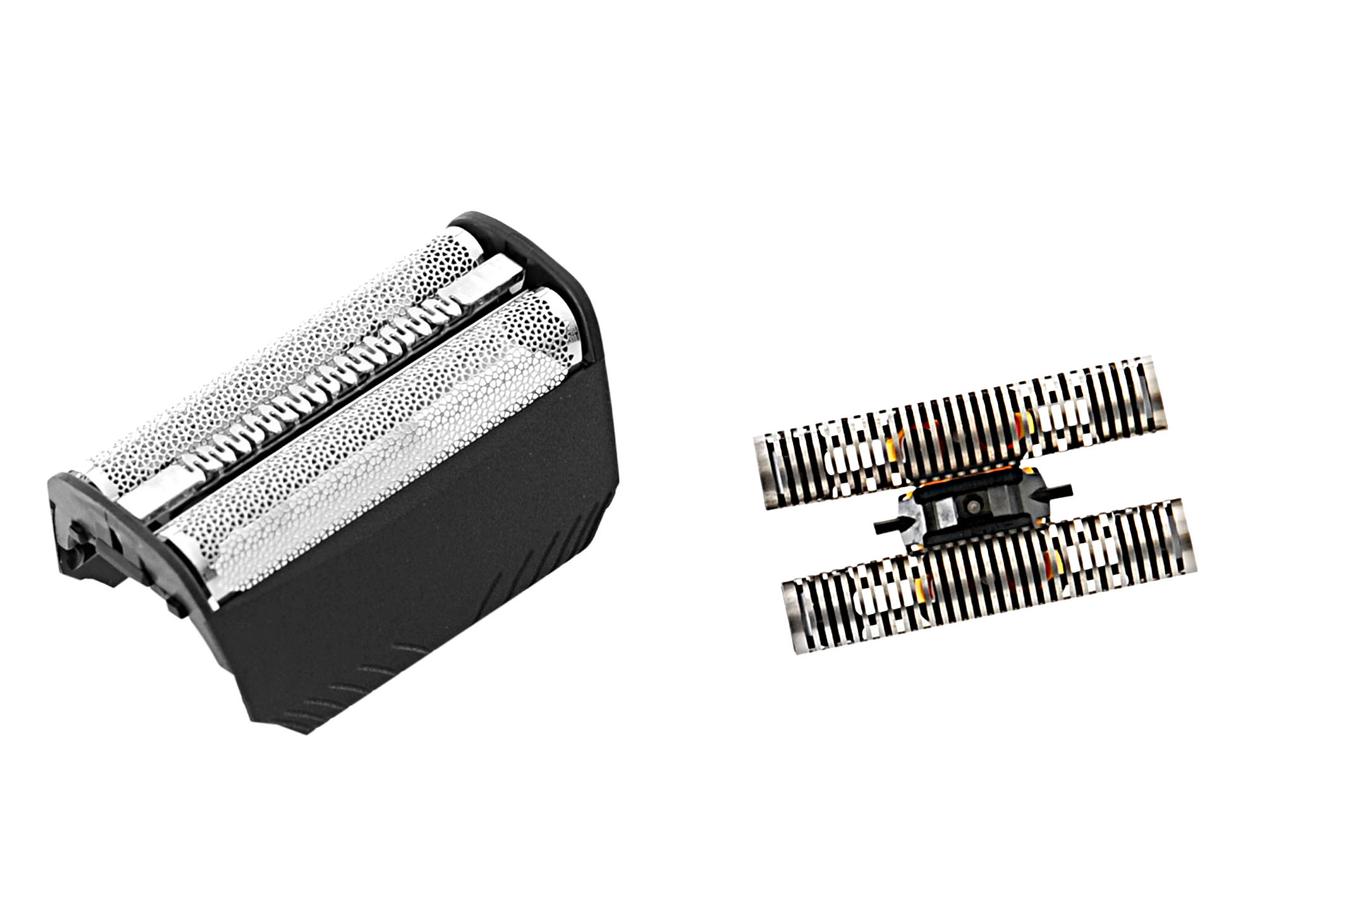 grille et t te de rasoir braun grille bloc couteaux 30b. Black Bedroom Furniture Sets. Home Design Ideas